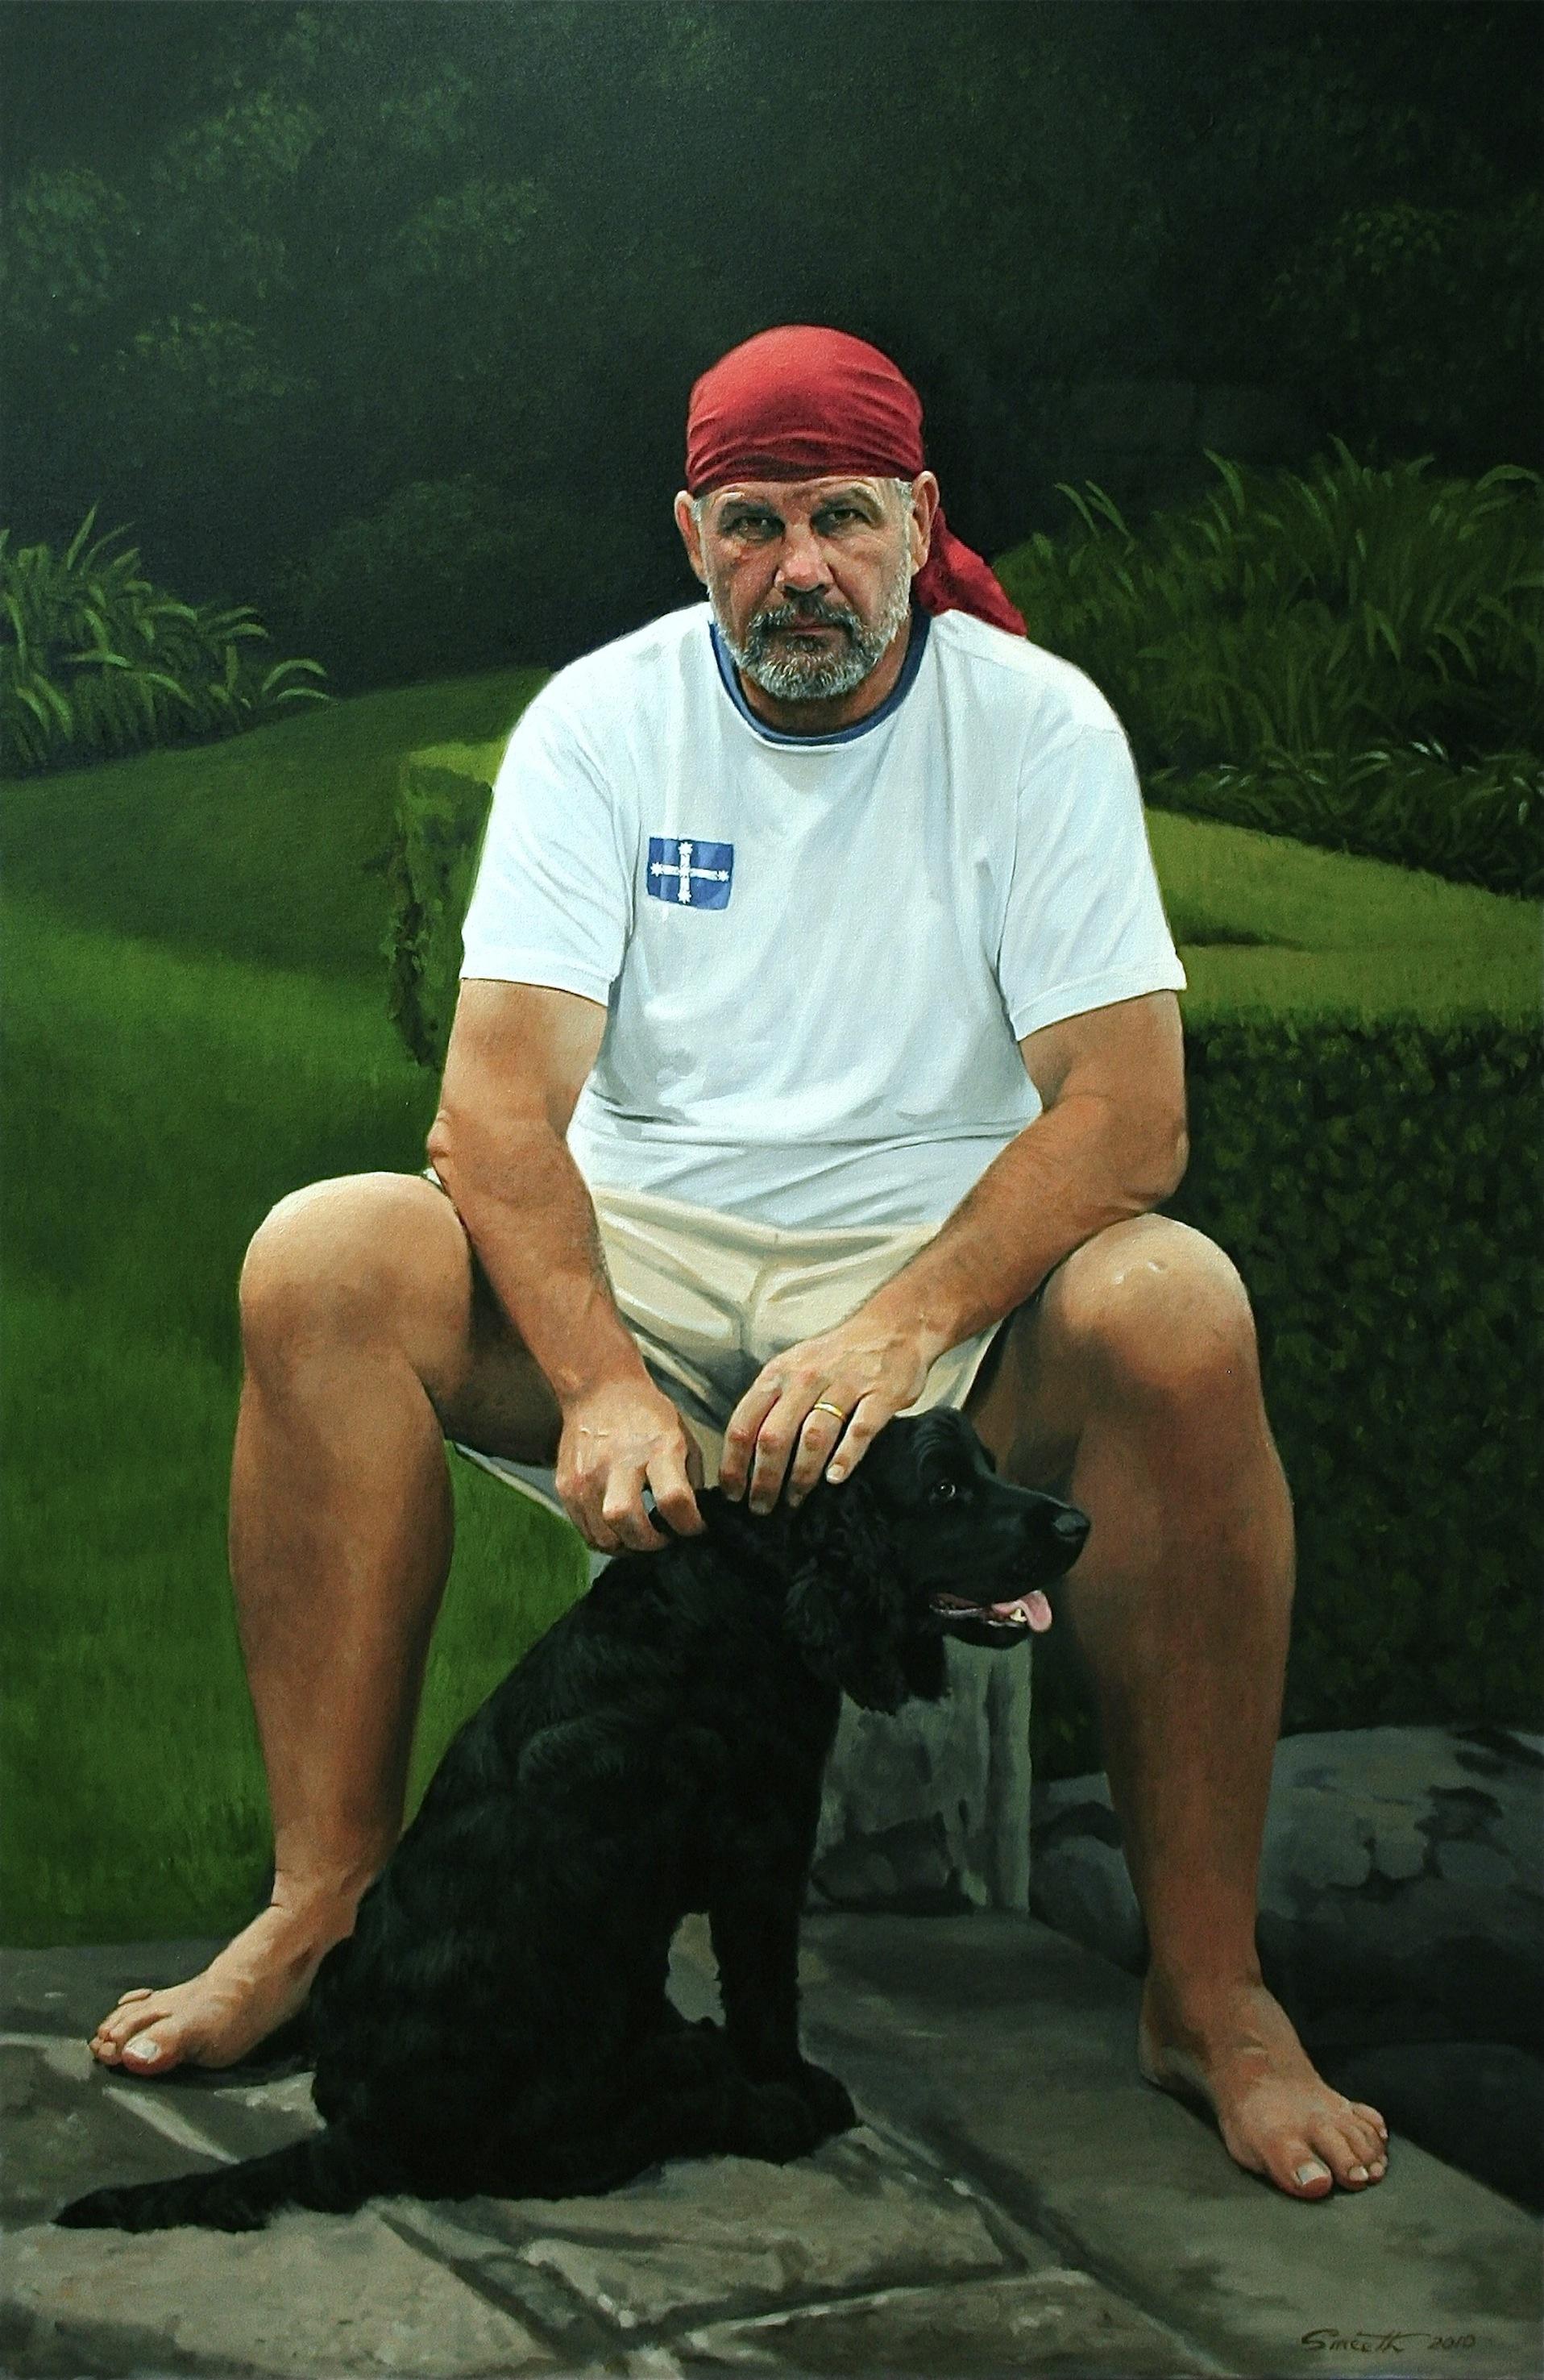 17Peter FitzSimons, Author. 2010 Oil on canvas. 180x120cm Archibald Finalist